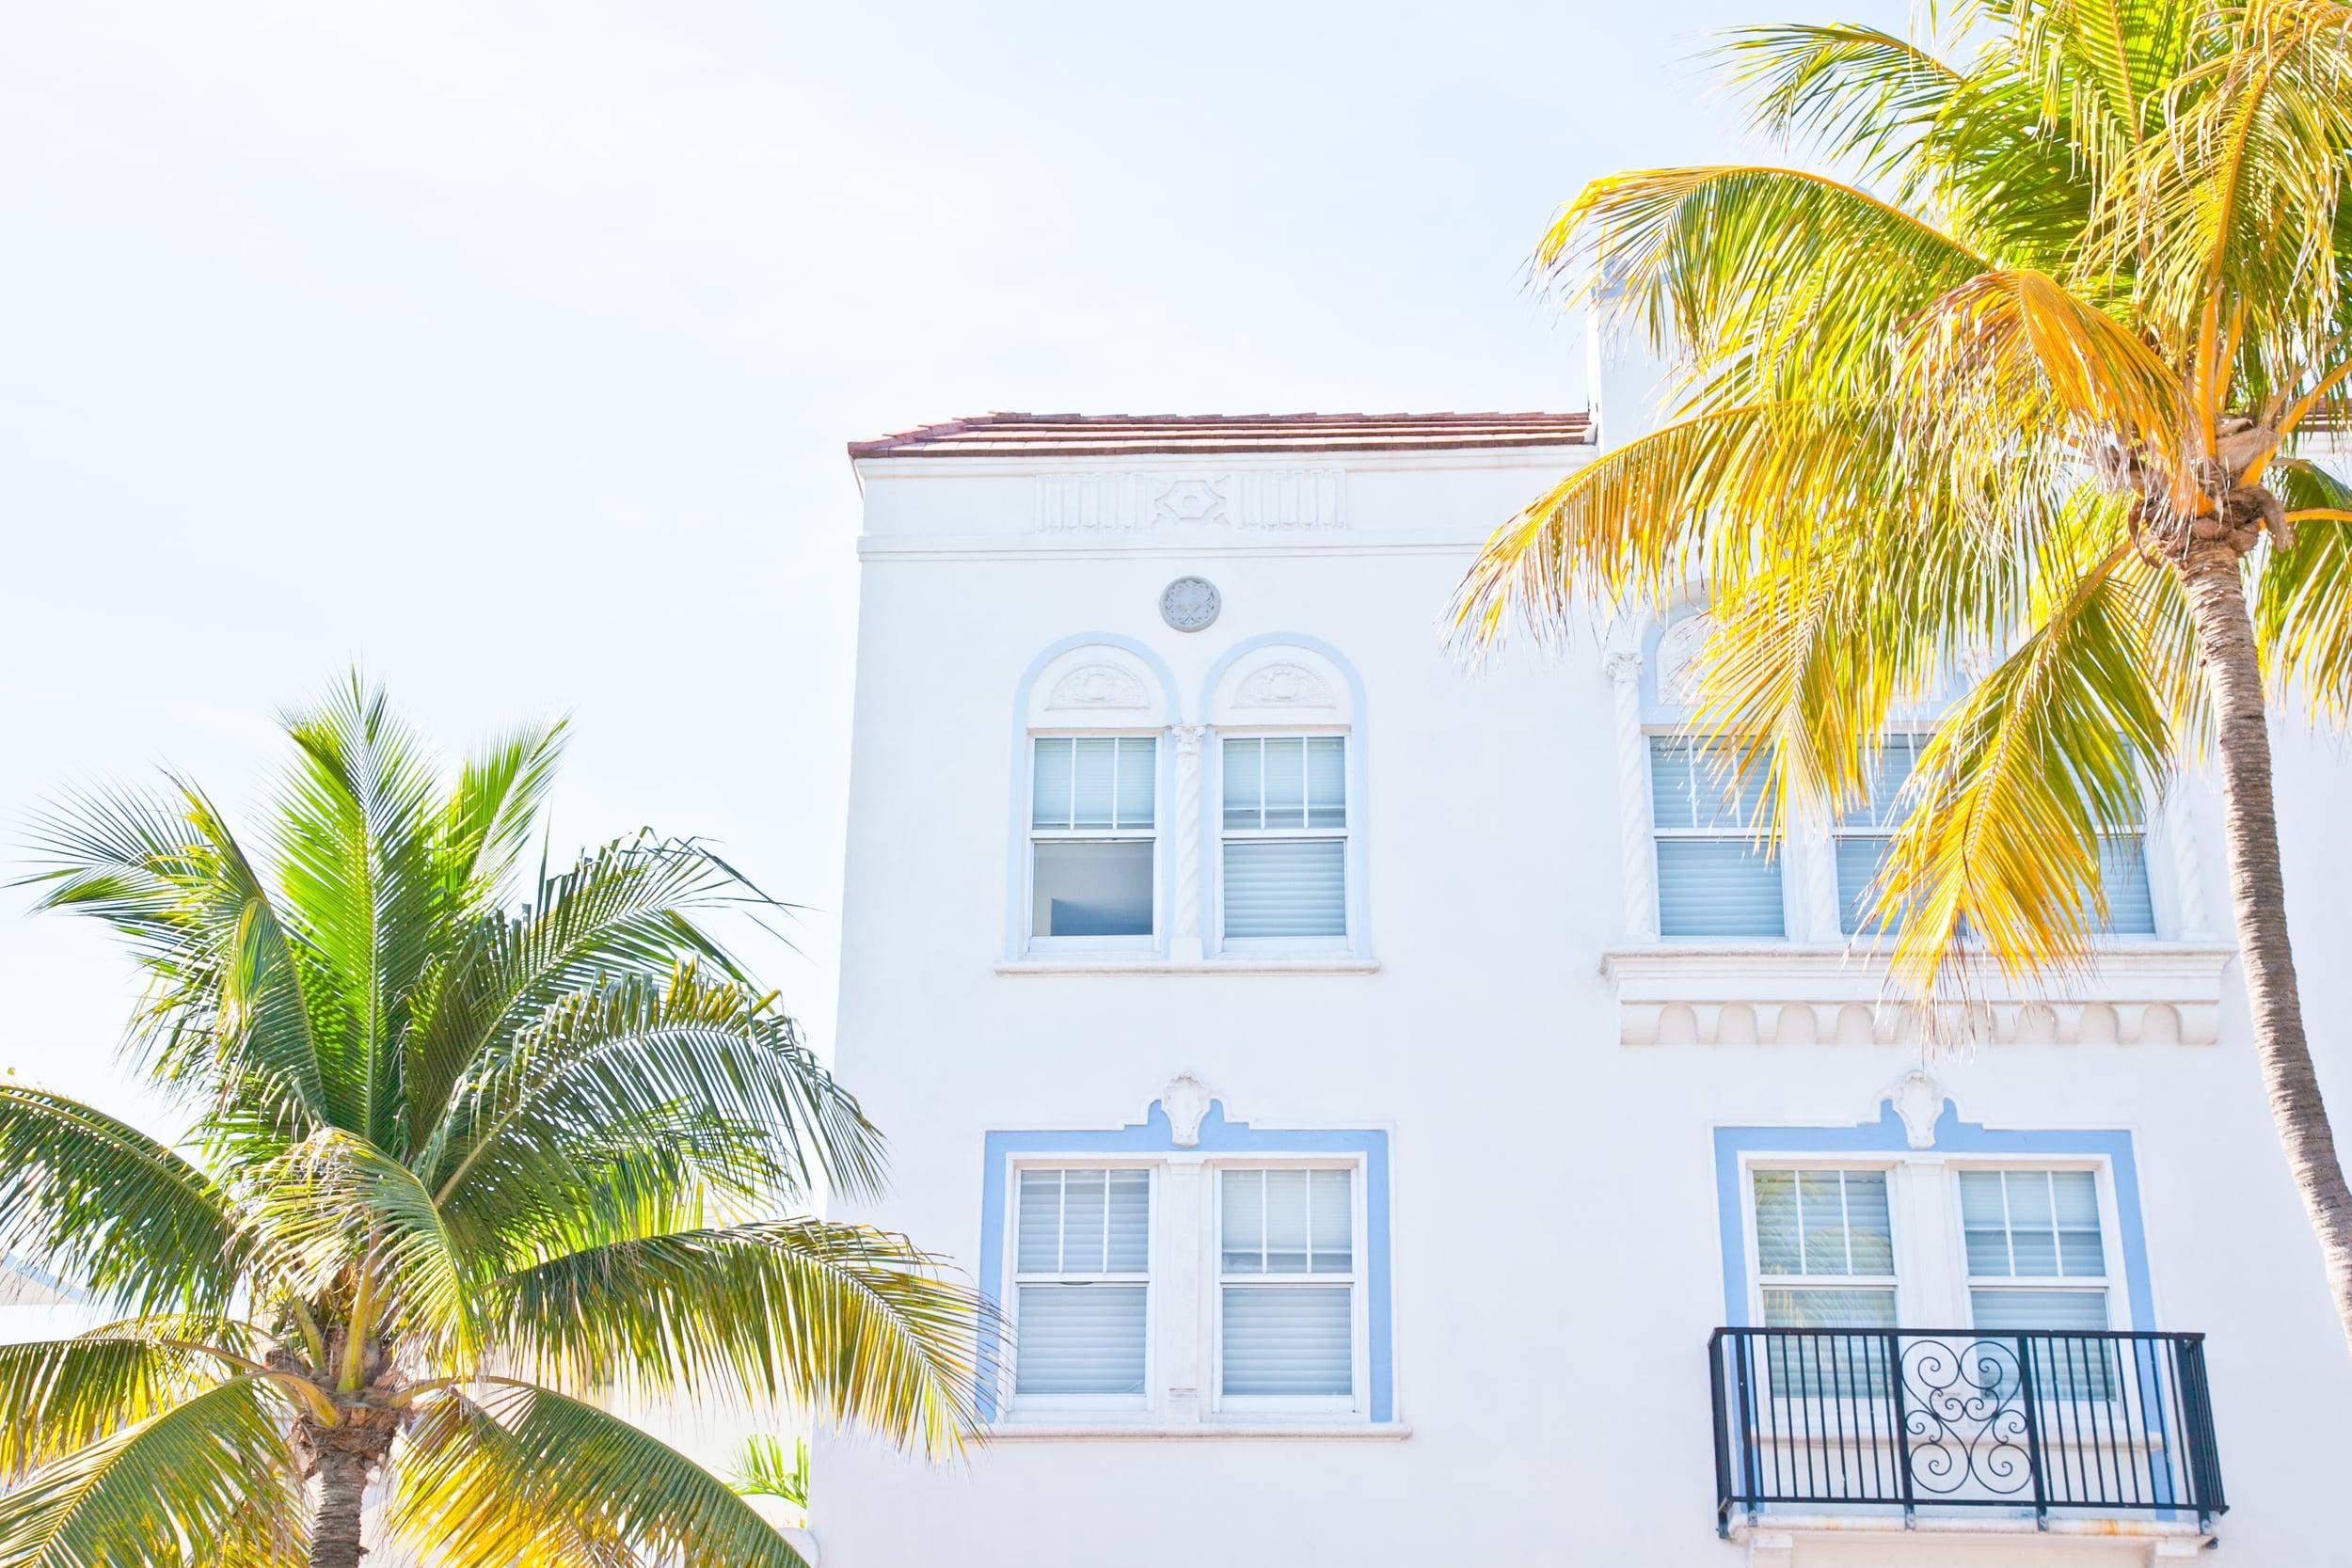 trisa-taro-facades-south-beach-miami.jpg